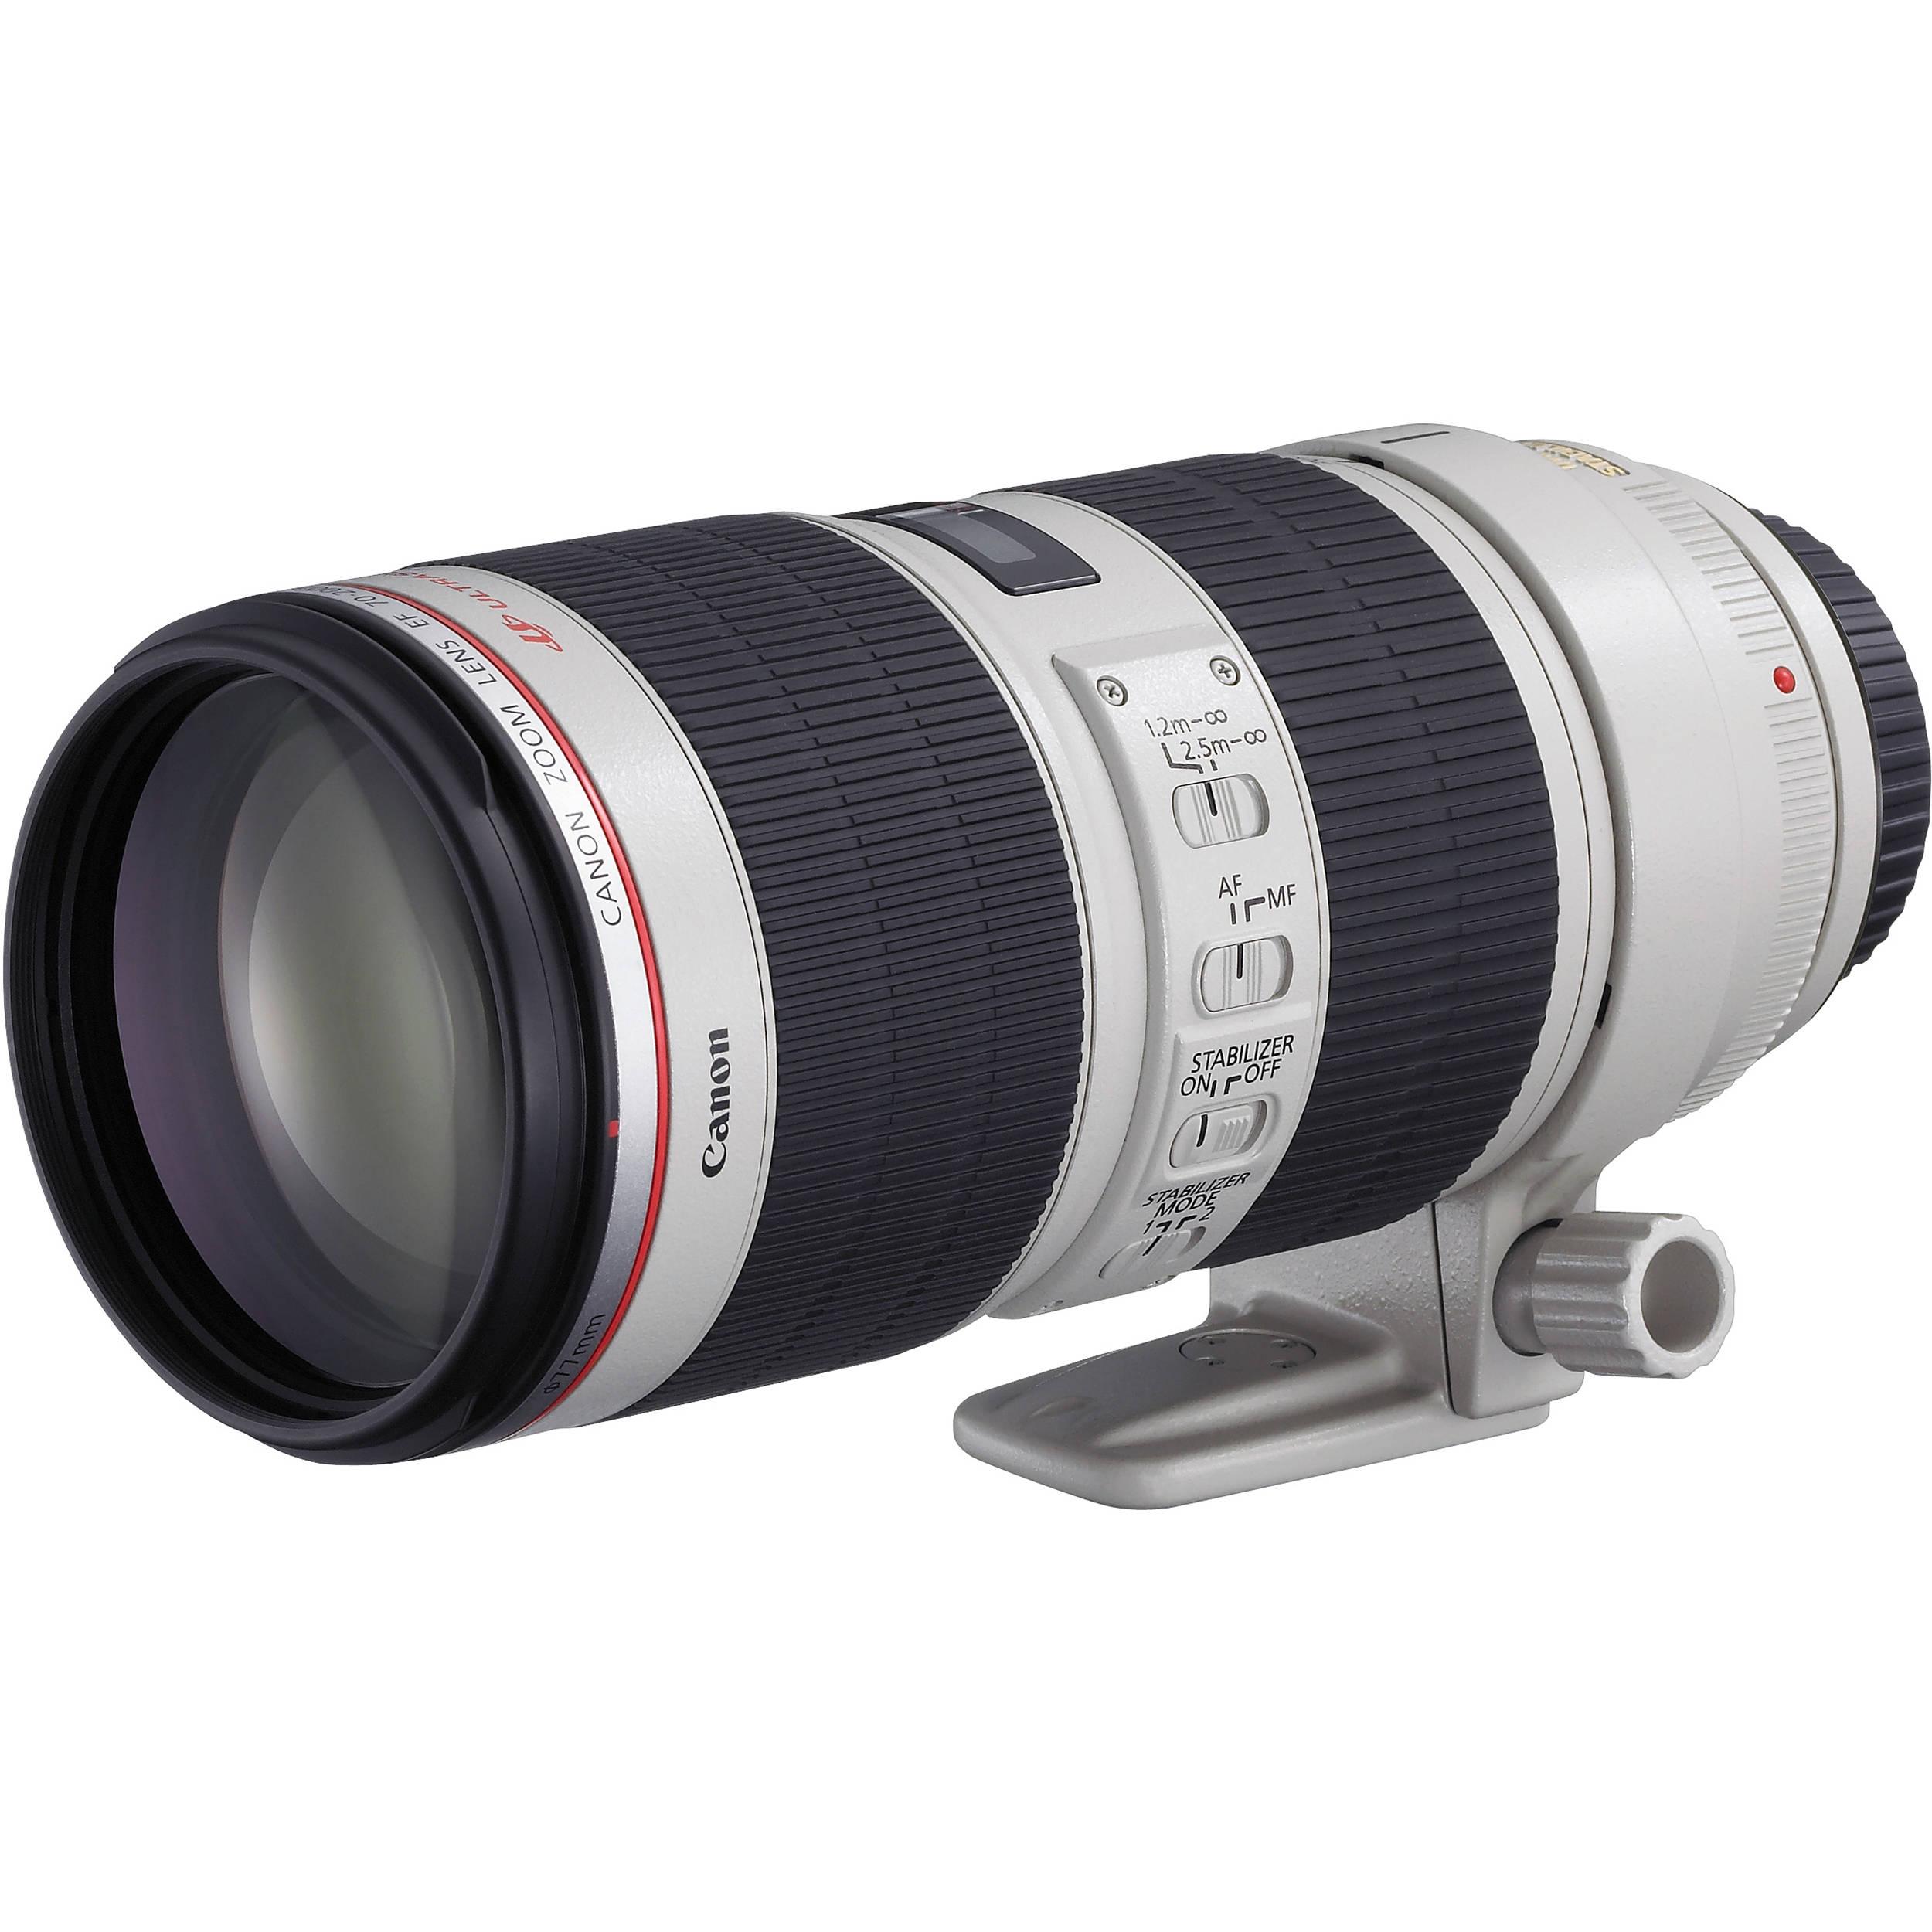 Canon Zoom Lens EF 70-200mm - F/2.8 L USM